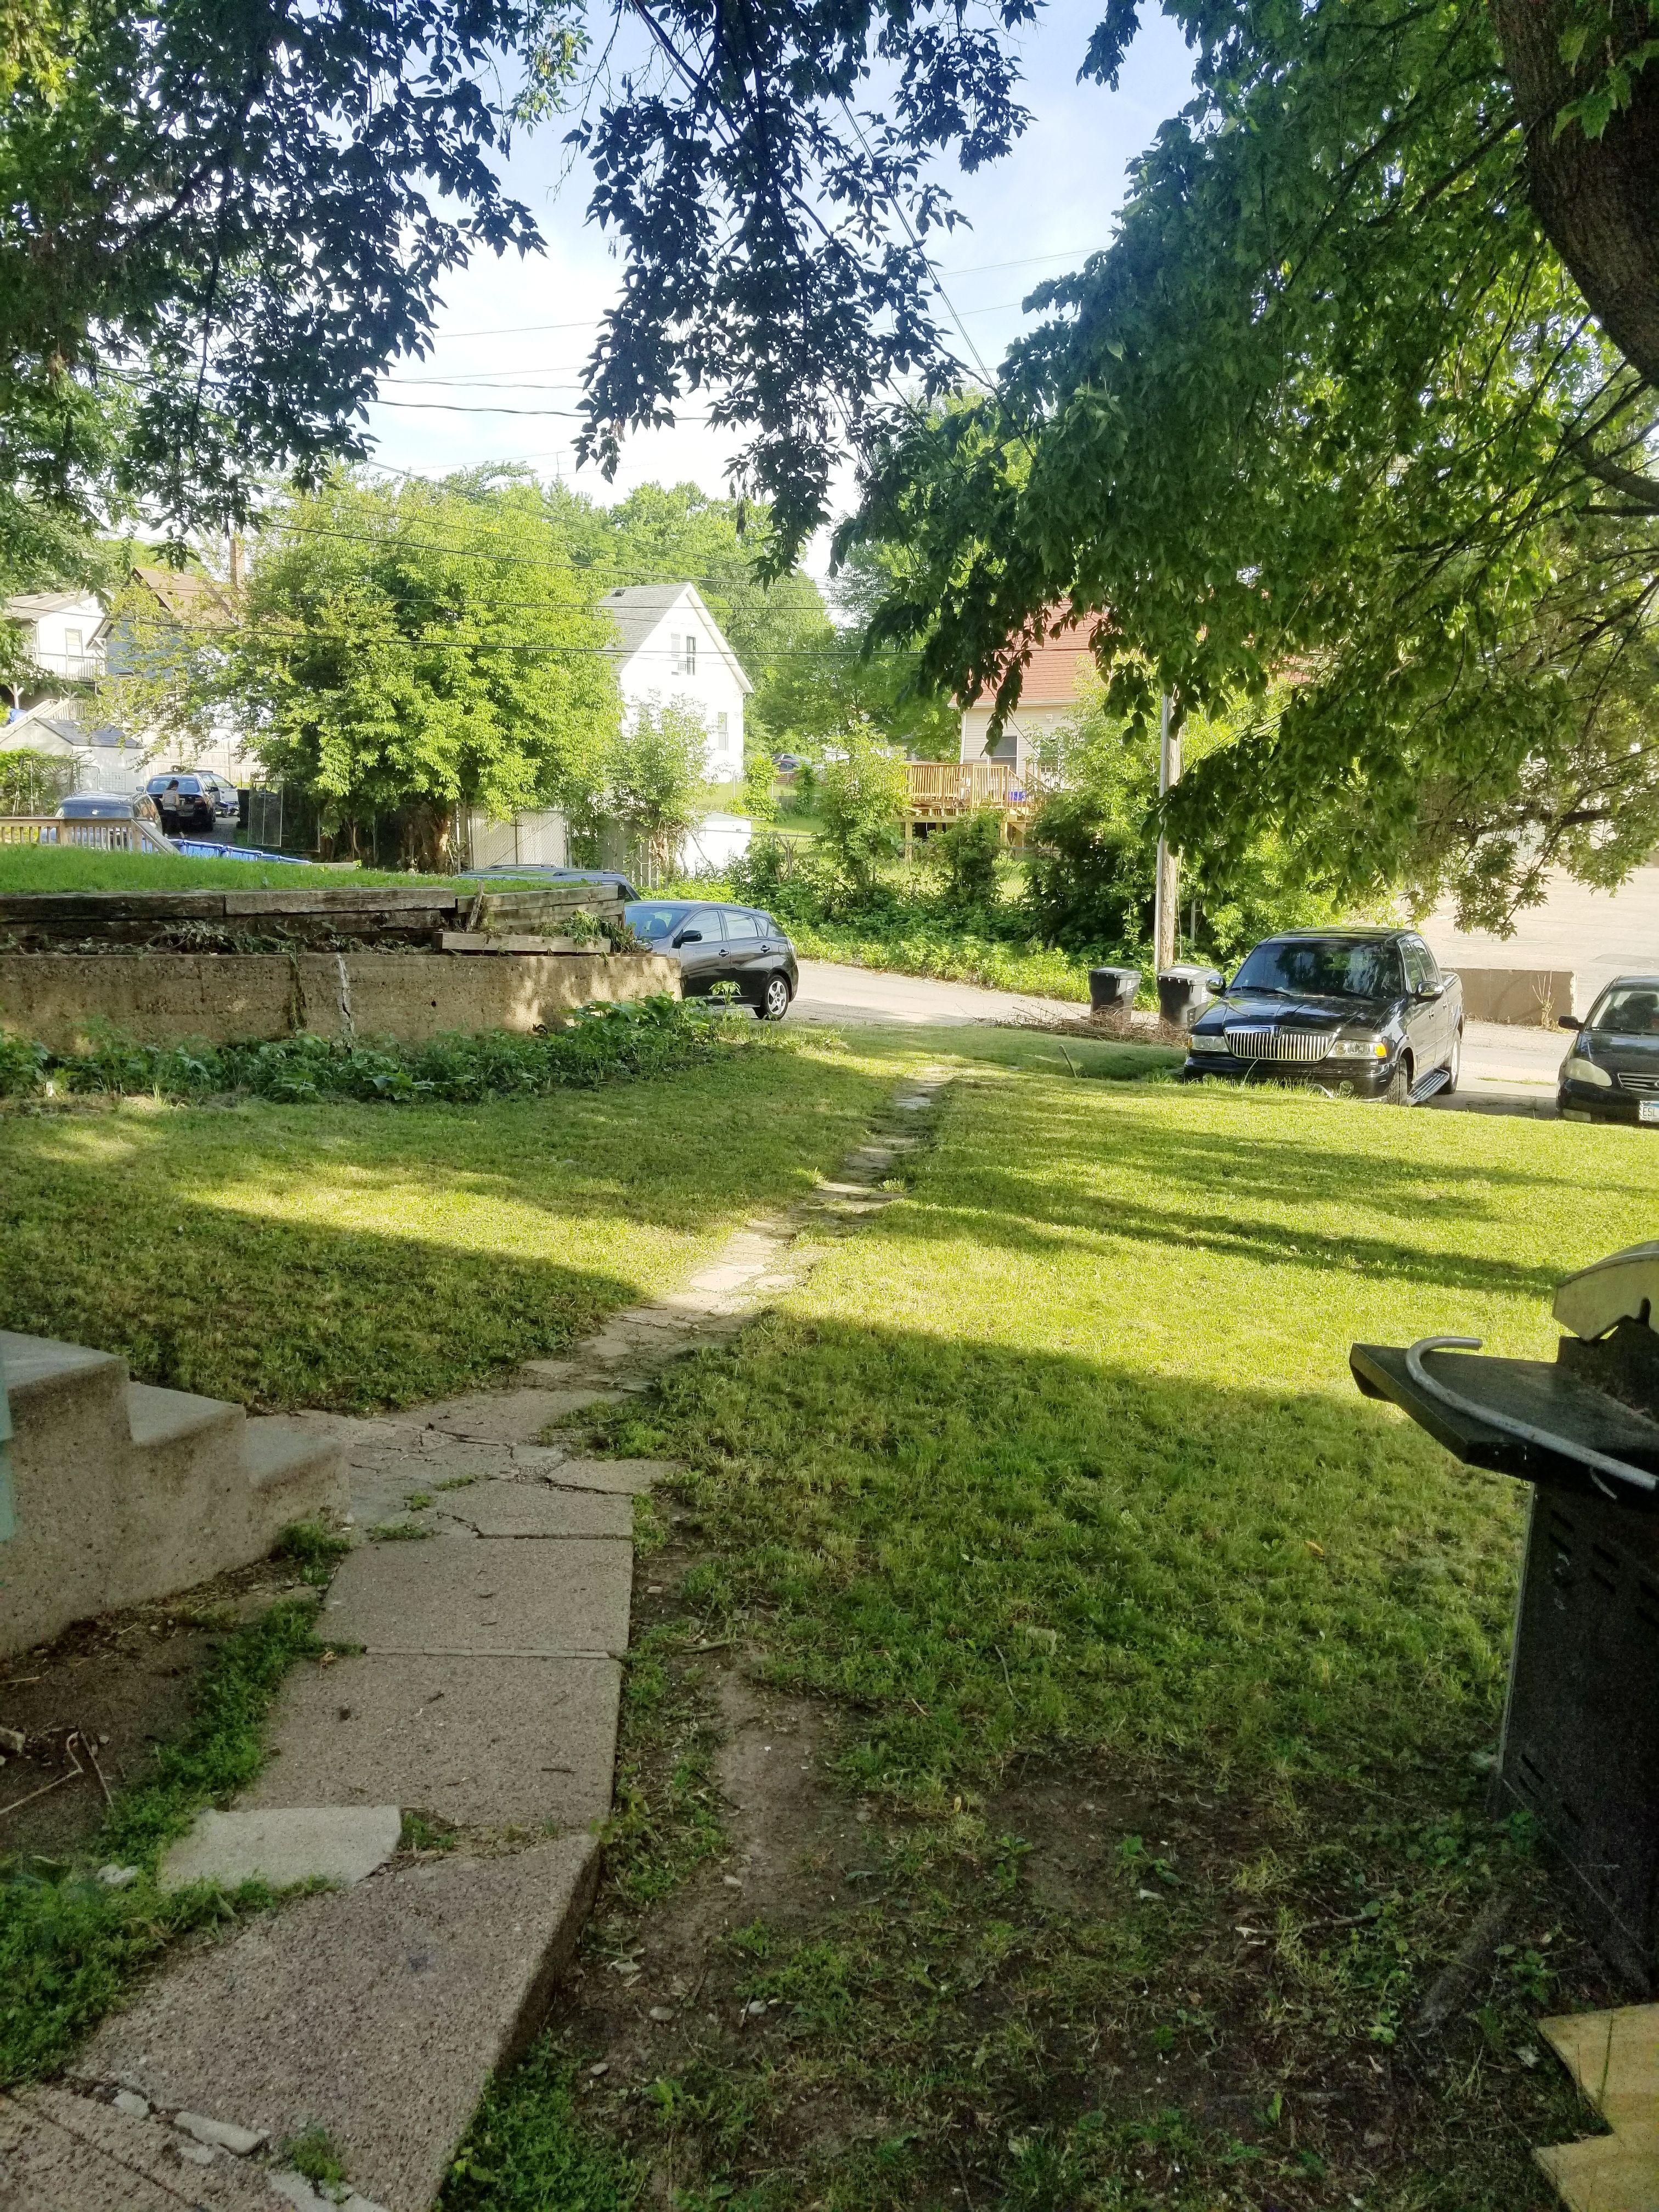 662 Lawson Ave E (Image - 3)